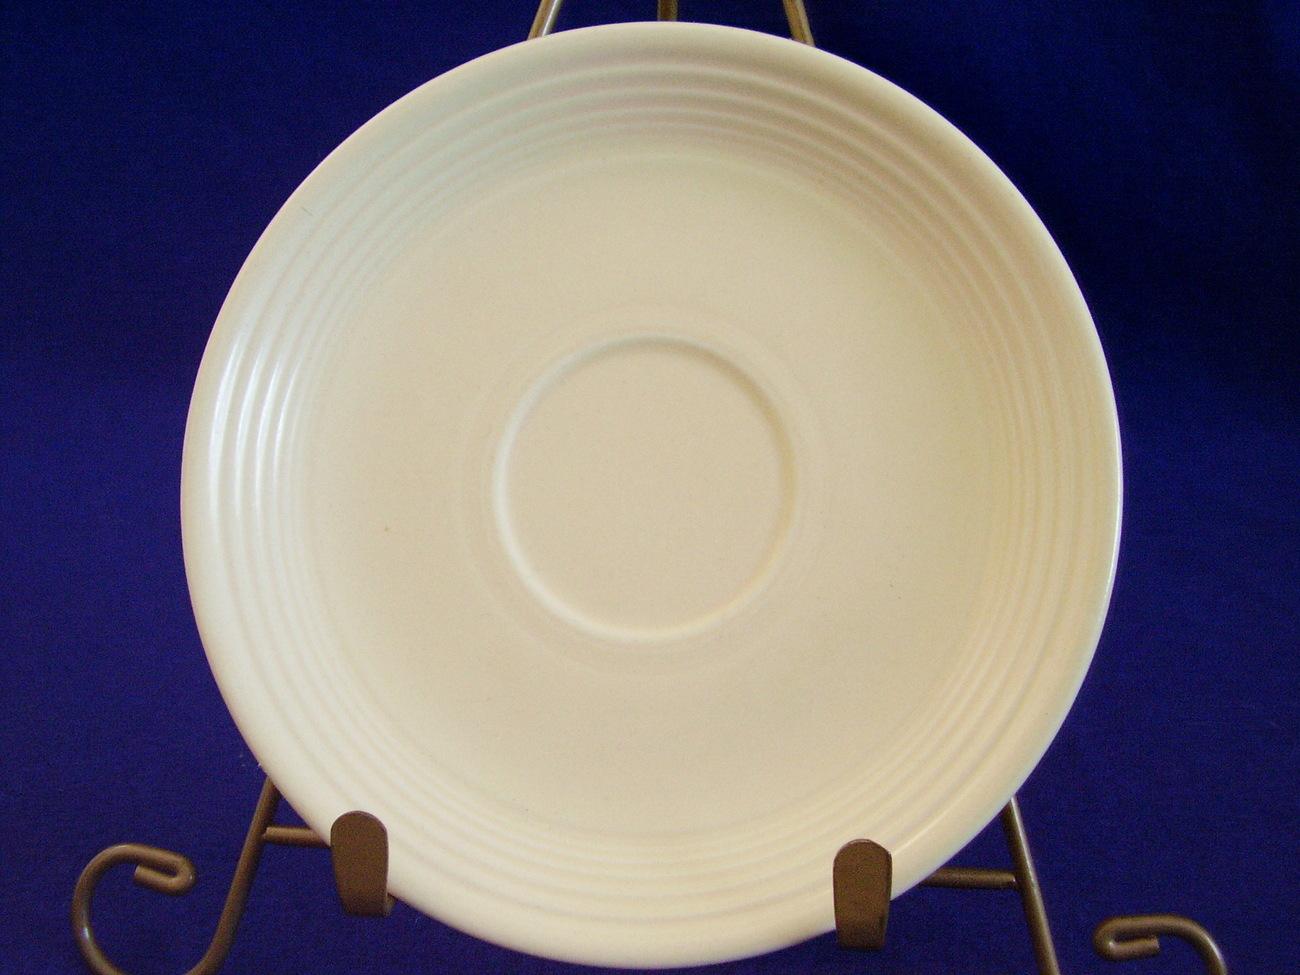 Vintage Fiestaware Ivory Teacup Coffee Cup Saucer  D